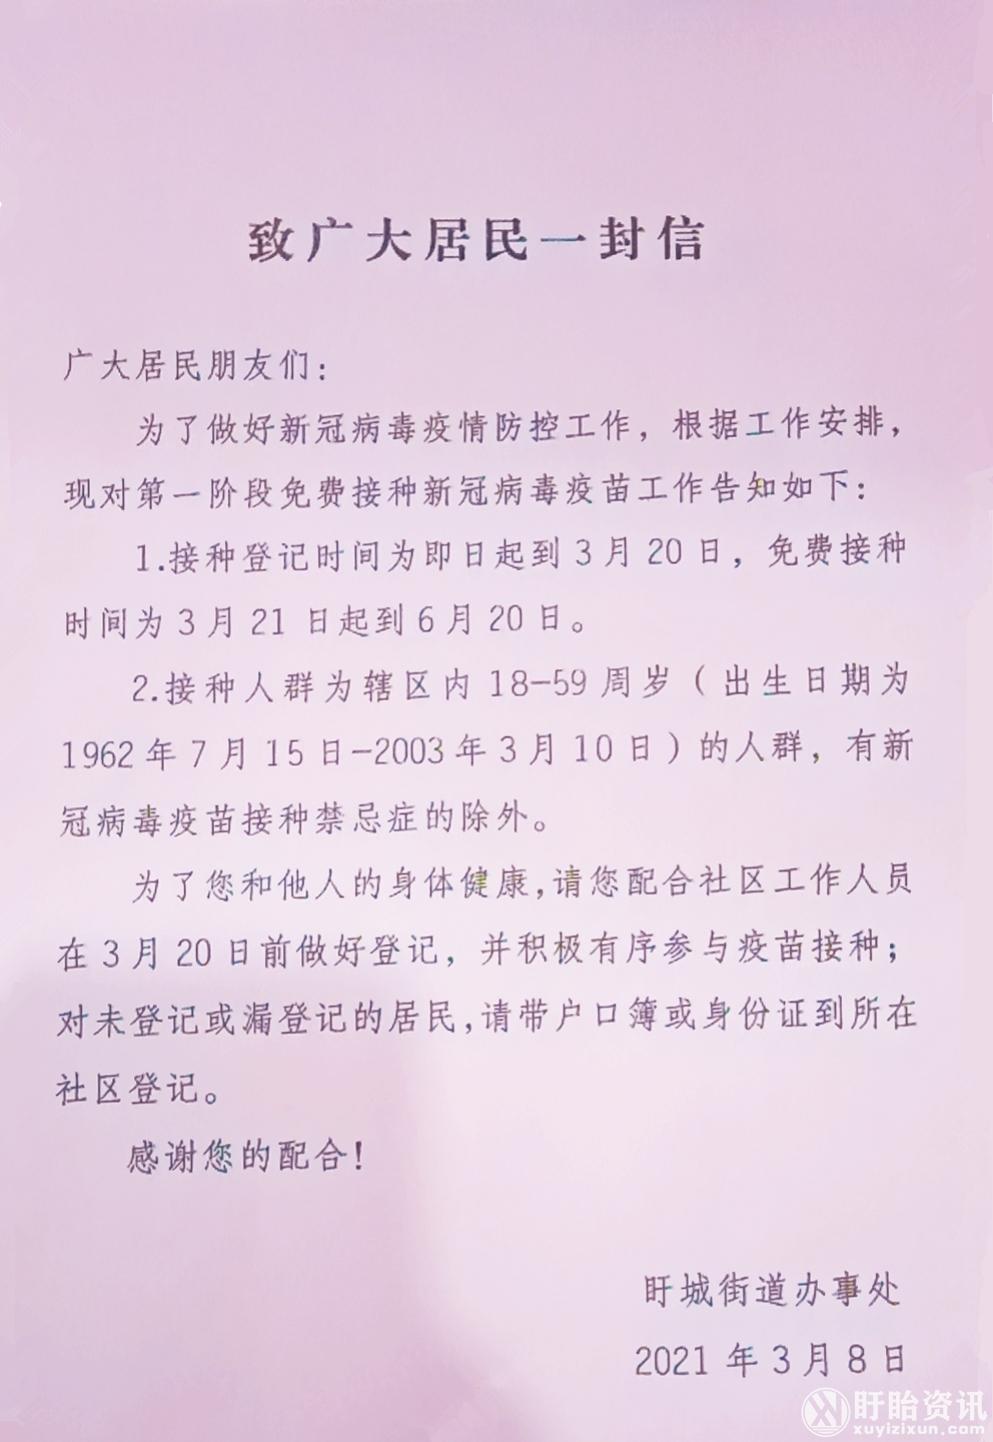 【新冠疫苗】盱城街道办致广大居民的一封信!